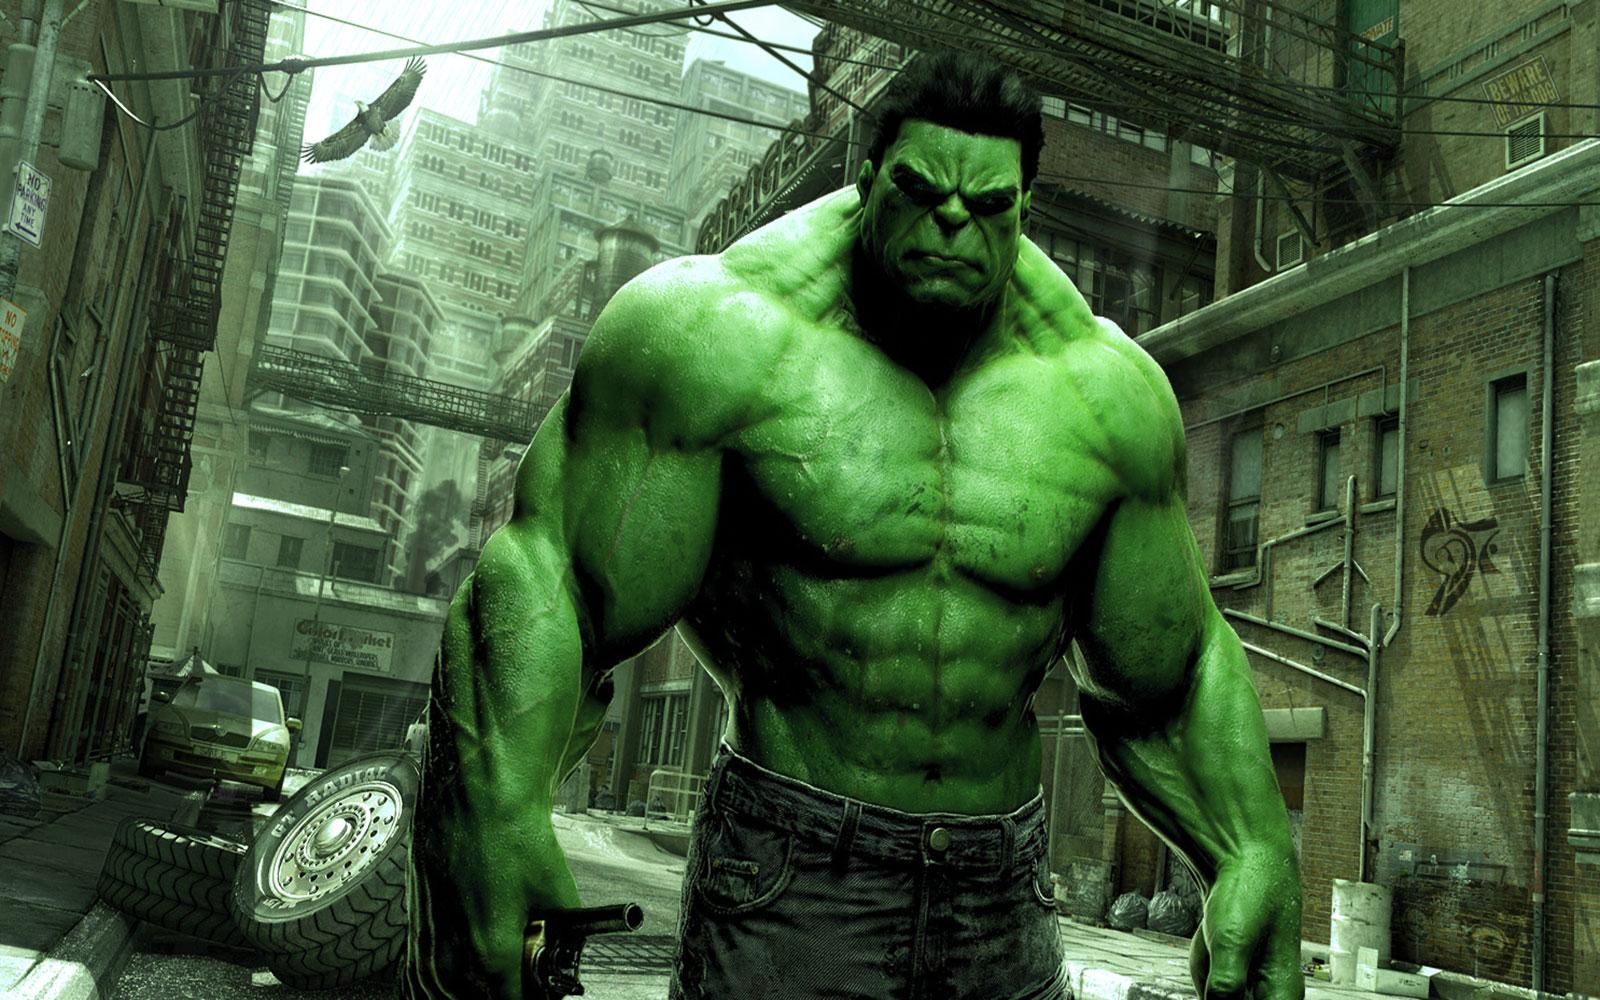 """Ένας άλλος ήρωας, ο """"Hulk"""" αναλαμβάνει να μας τρομάξει."""